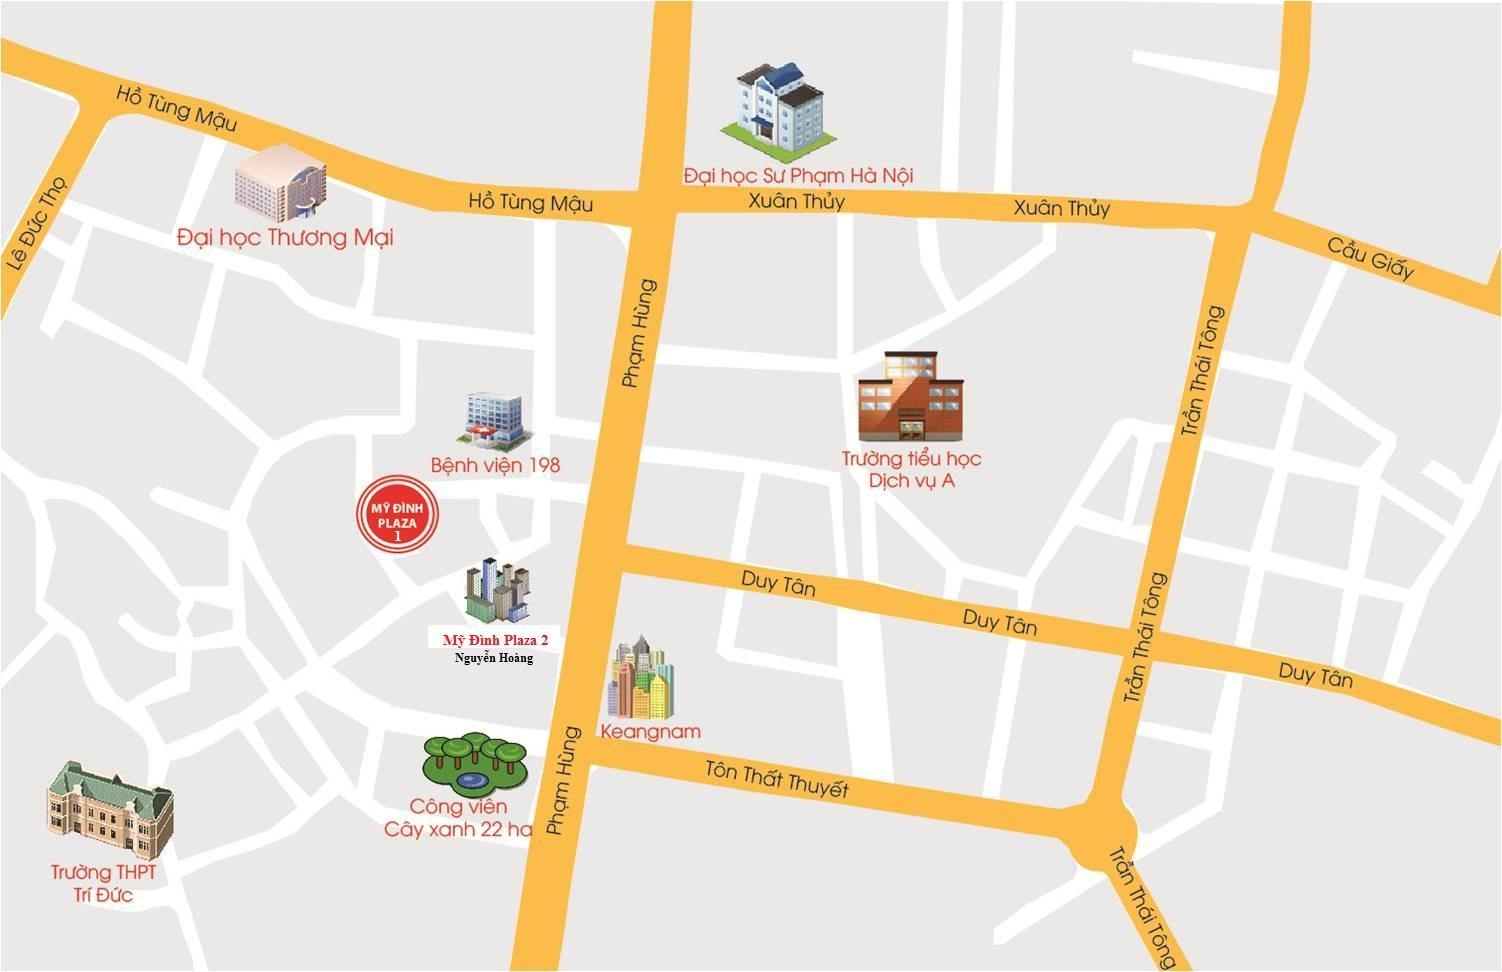 vi-tri-du-an-my-dinh-plaza-2